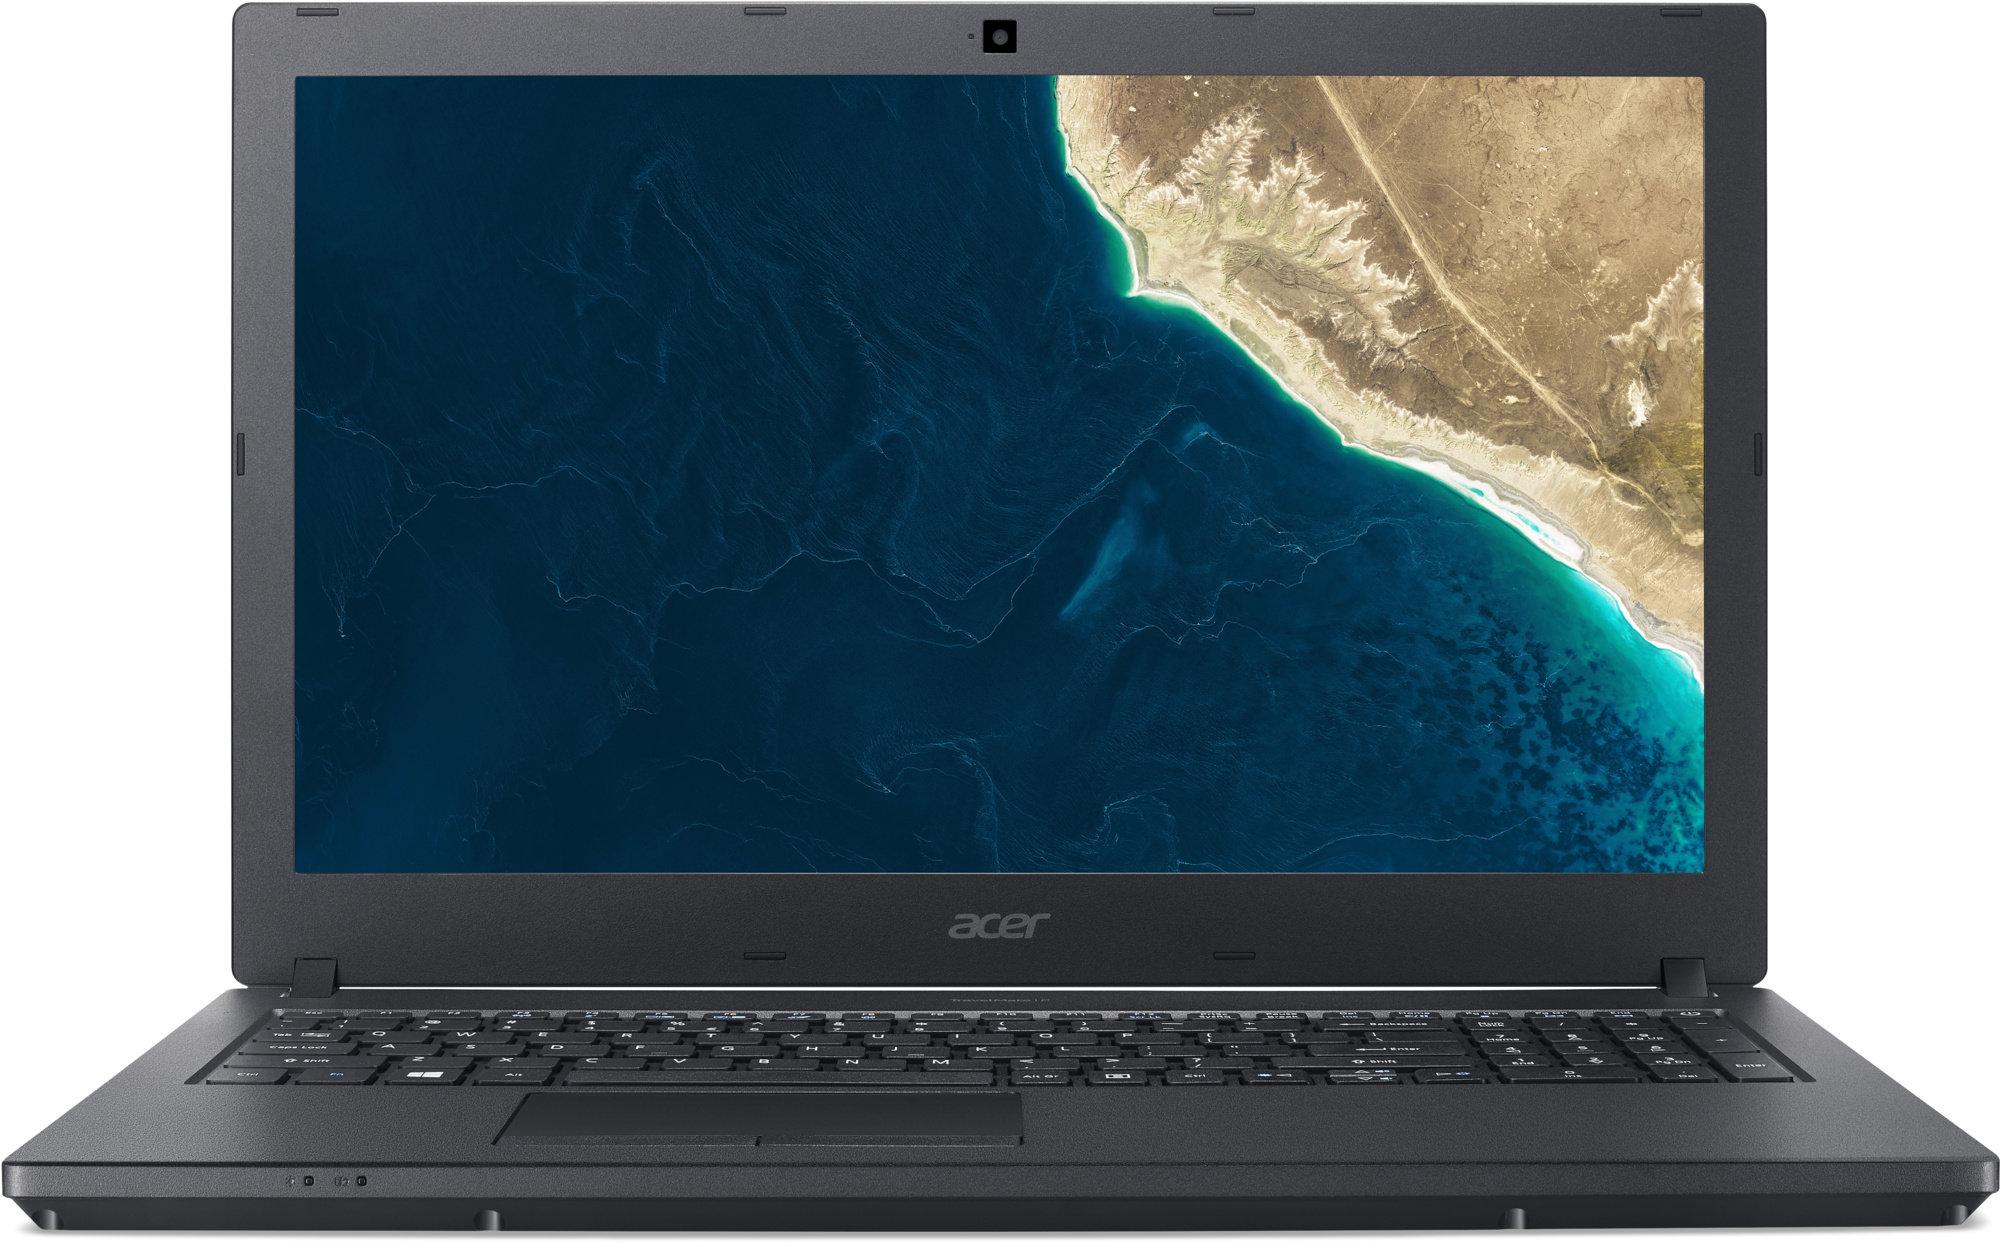 """AcerTravelMate P2510-G2-MG-50E4 i5-8250U/4GB+4GB/128GB SSD M.2+1TB/GeForce MX130 2GB/15.6""""FHD IPS LED matný/BT/W10Pro/Black"""